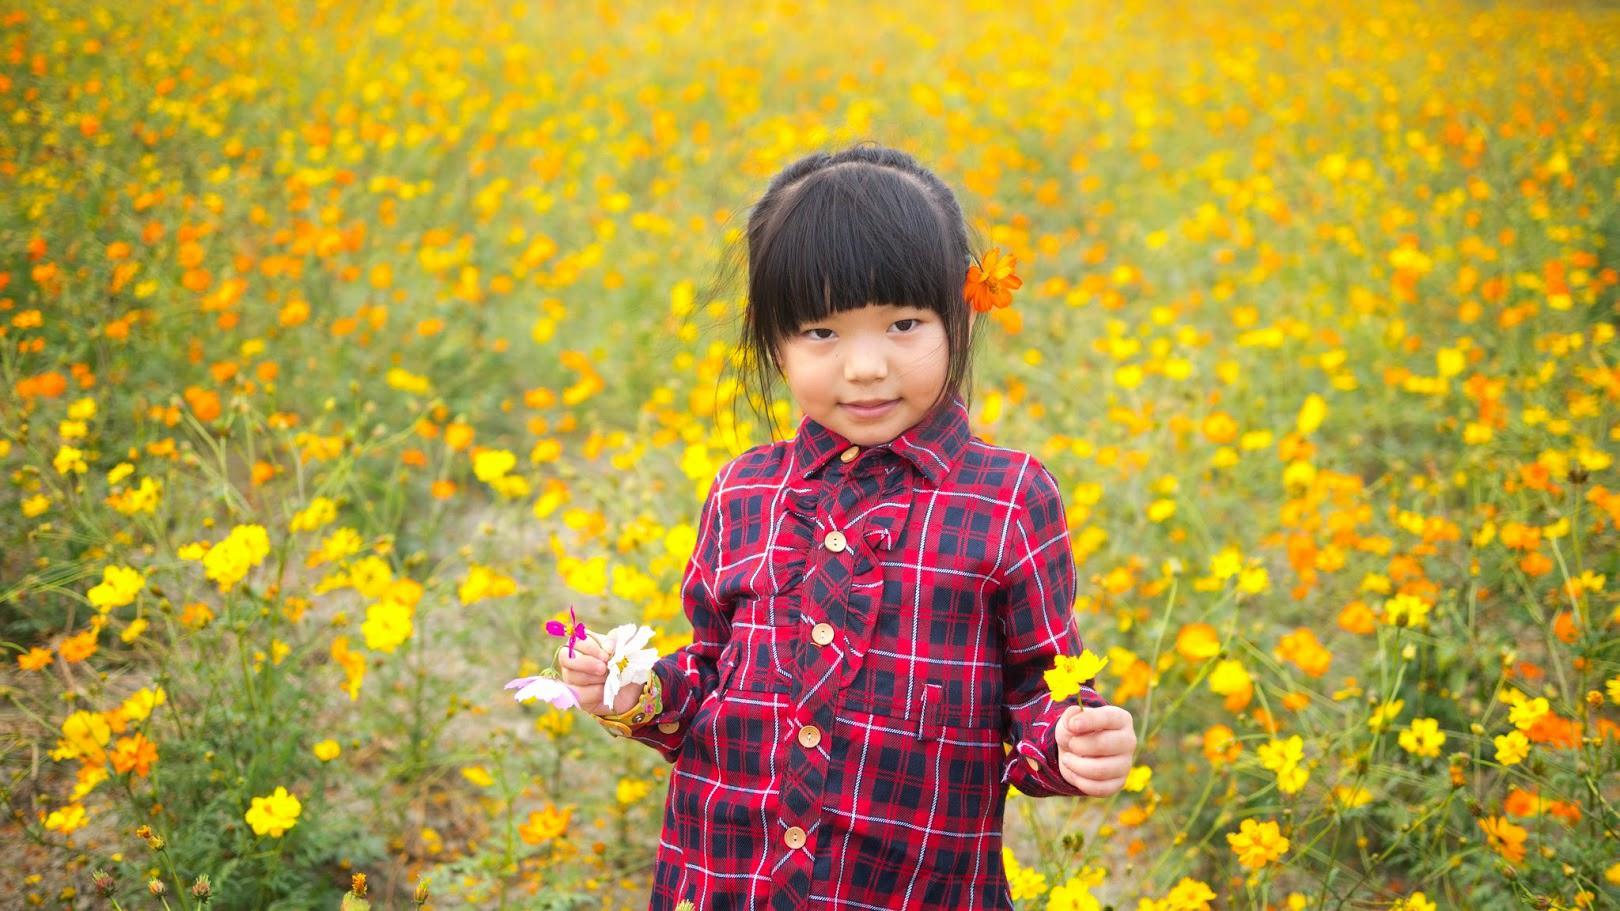 台南市賞花開放地圖正式上線囉 邀您一同探訪生活中的在地美景